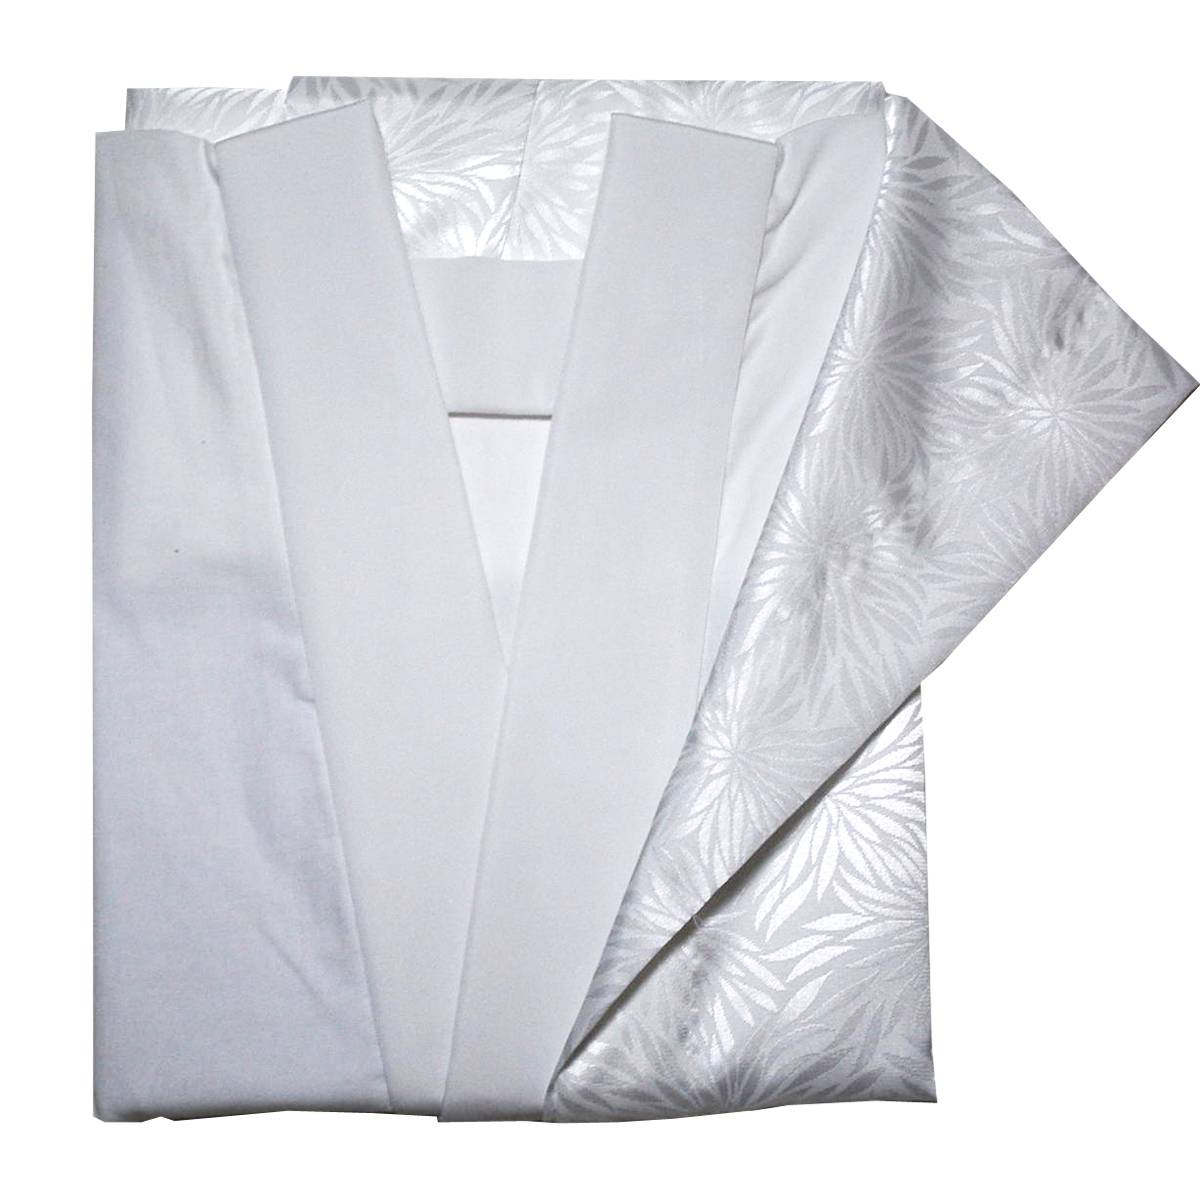 汗取り効果抜群 新作製品 世界最高品質人気 半衿+えもん抜き付き 日本製 胴抜き長襦袢 仕立て上がり 半衿付き 腰紐付 抜衿布 メーカー在庫限り品 えもん抜き